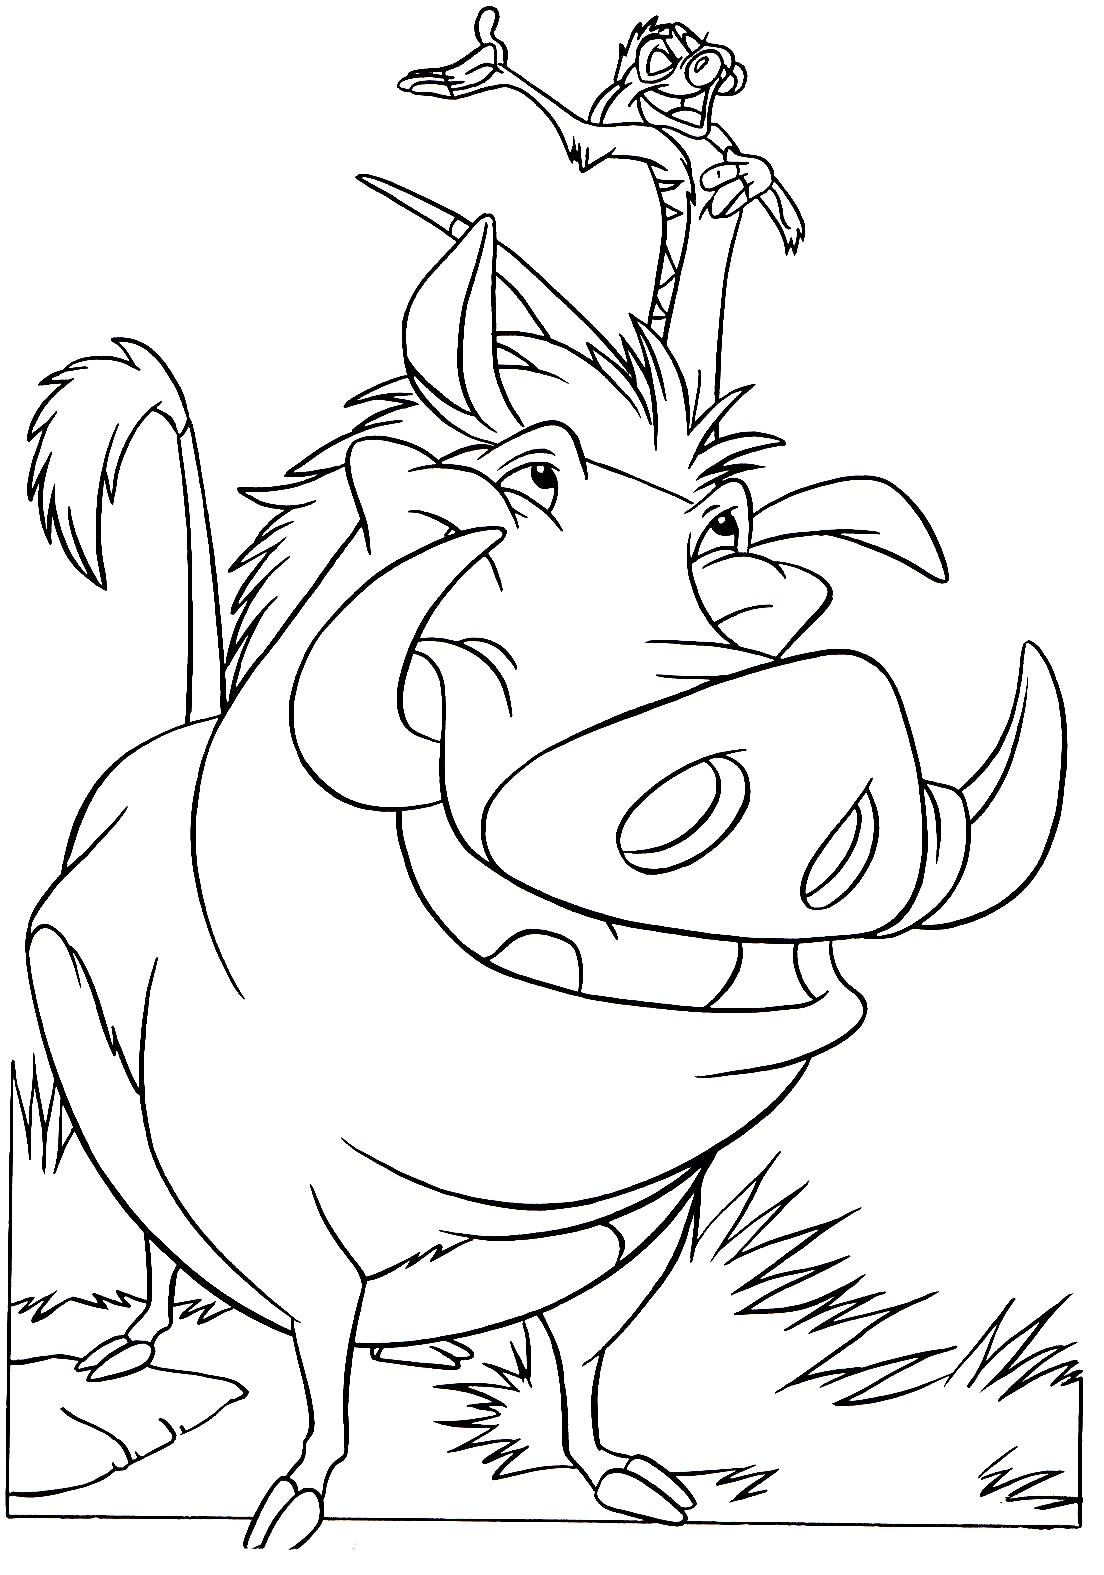 Dessin du Roi Lion à imprimer et colorier avec le jeune Simba